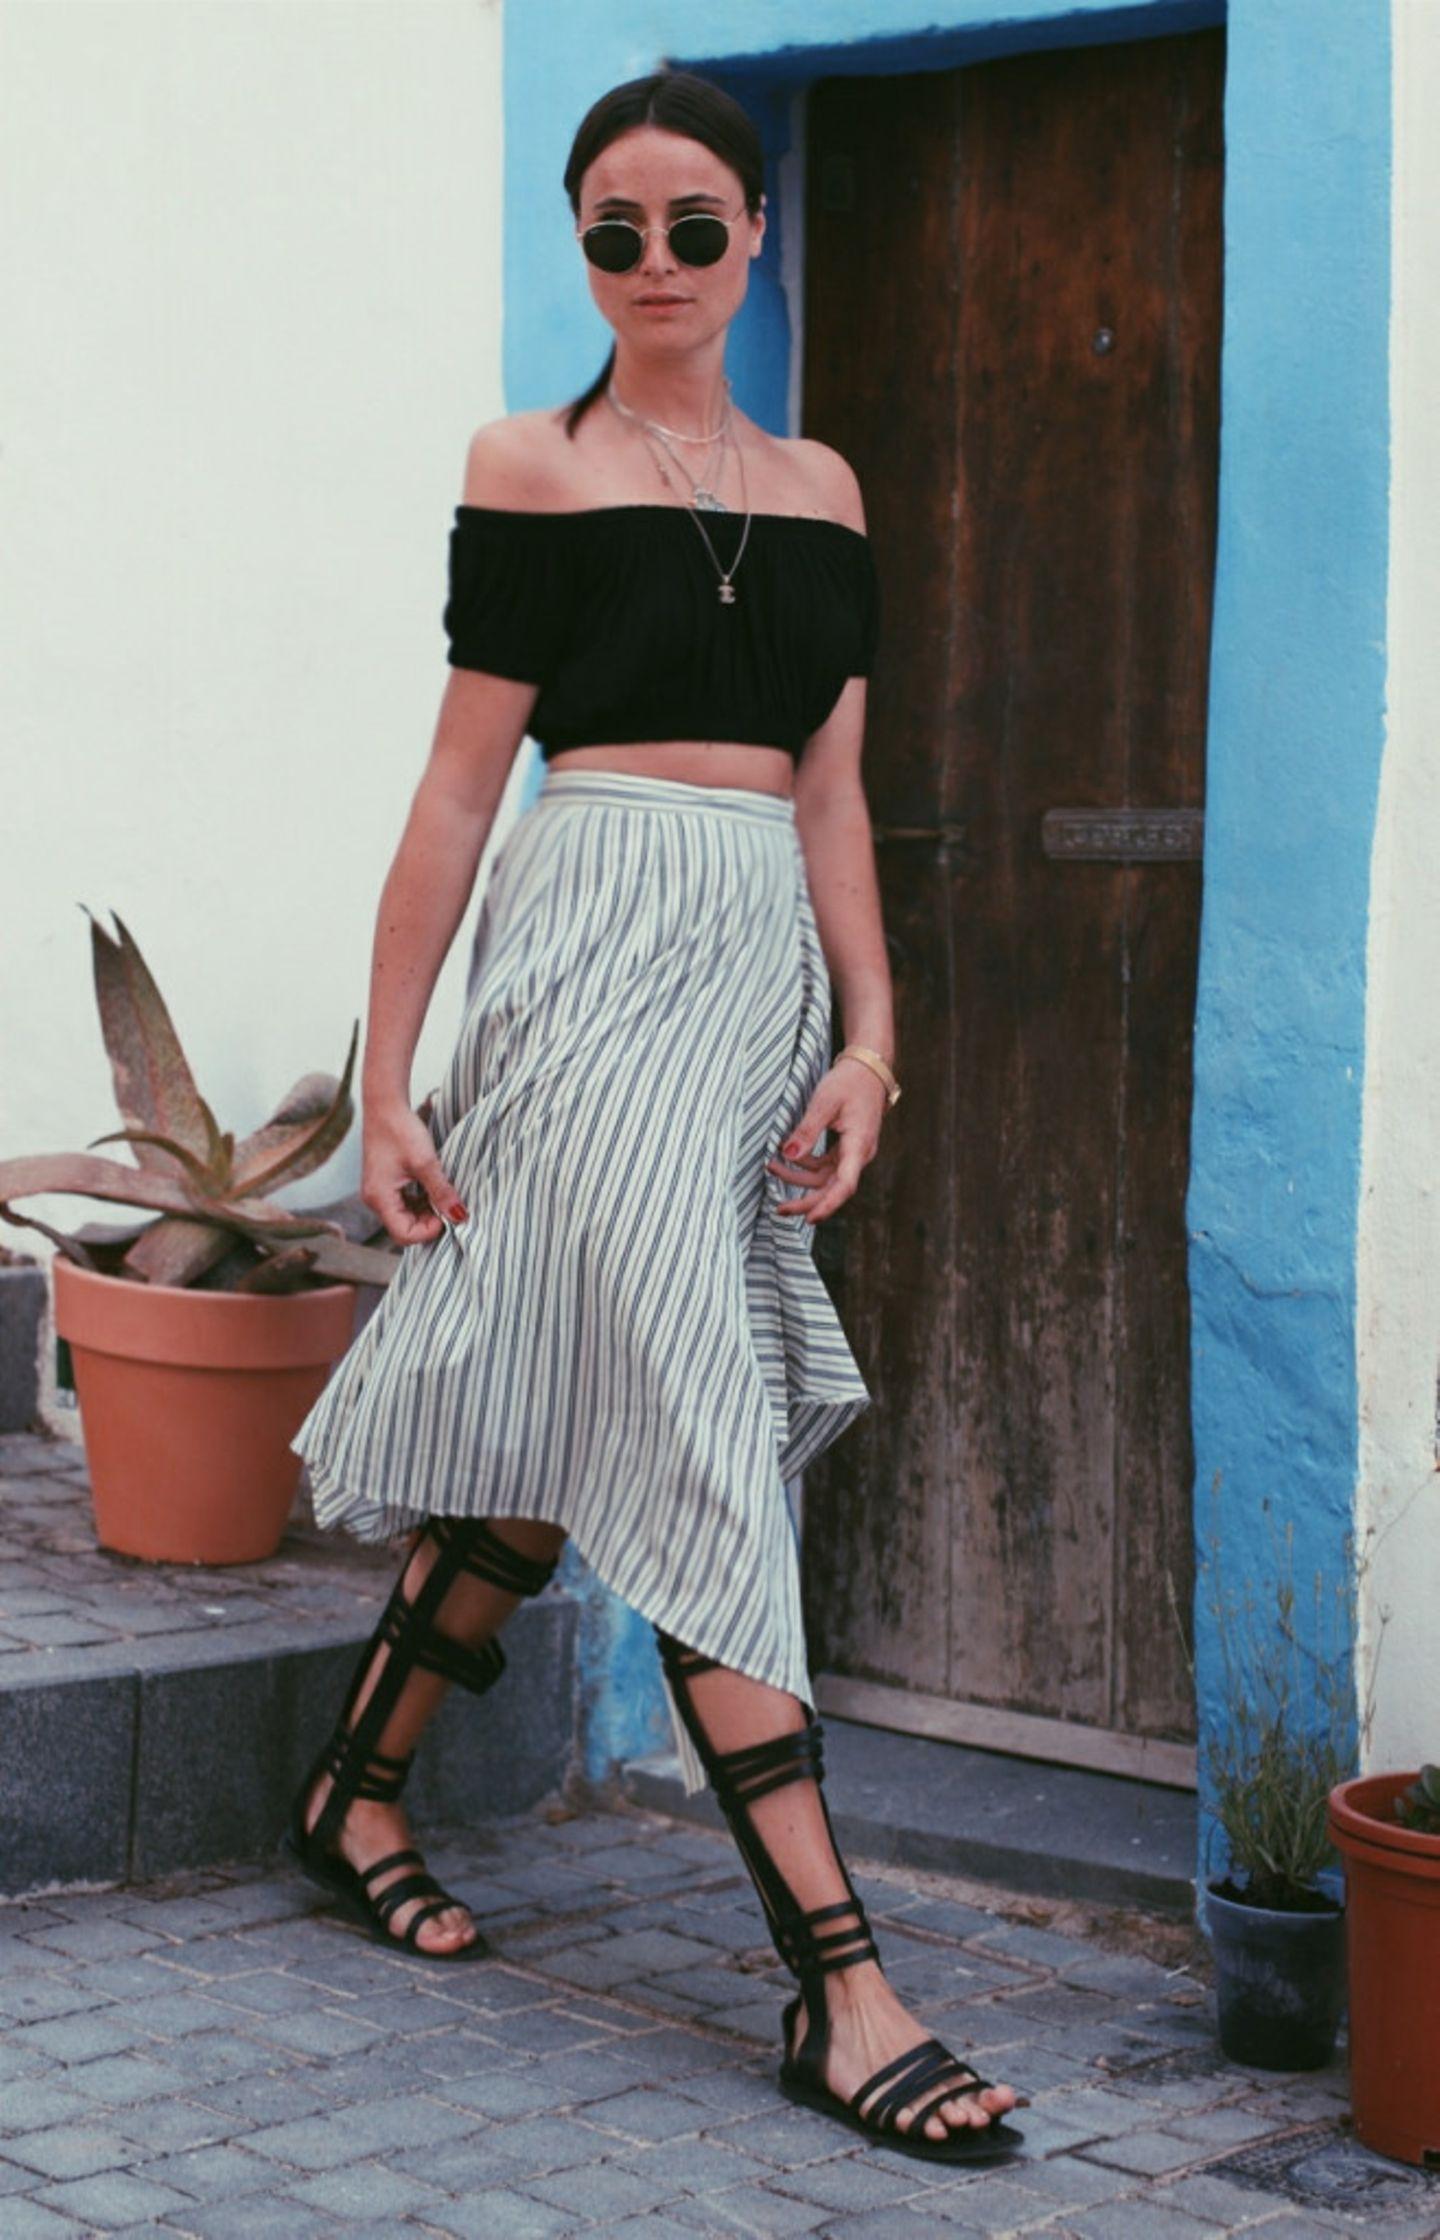 """Bei Lena von Blogger Bazaar dürfen diesen Sommer auf keinen Fall die Gladiator-Sandalen fehlen: """"Auch wenn sie ein wenig an Forrest Gumps Sprint mit Beinschienen erinnern, dienen sie als absoluter Eye-Catcher und machen das Outfit auf Anhieb spannender. Dazu darf es dann gerne ein wenig mädchenhafter zugehen. Kombiniert mit einem Rock und Off-Shoulder Top, wird der Look abgerundet und bringt sogar noch etwas sommerlichen Latinaflair einher."""""""